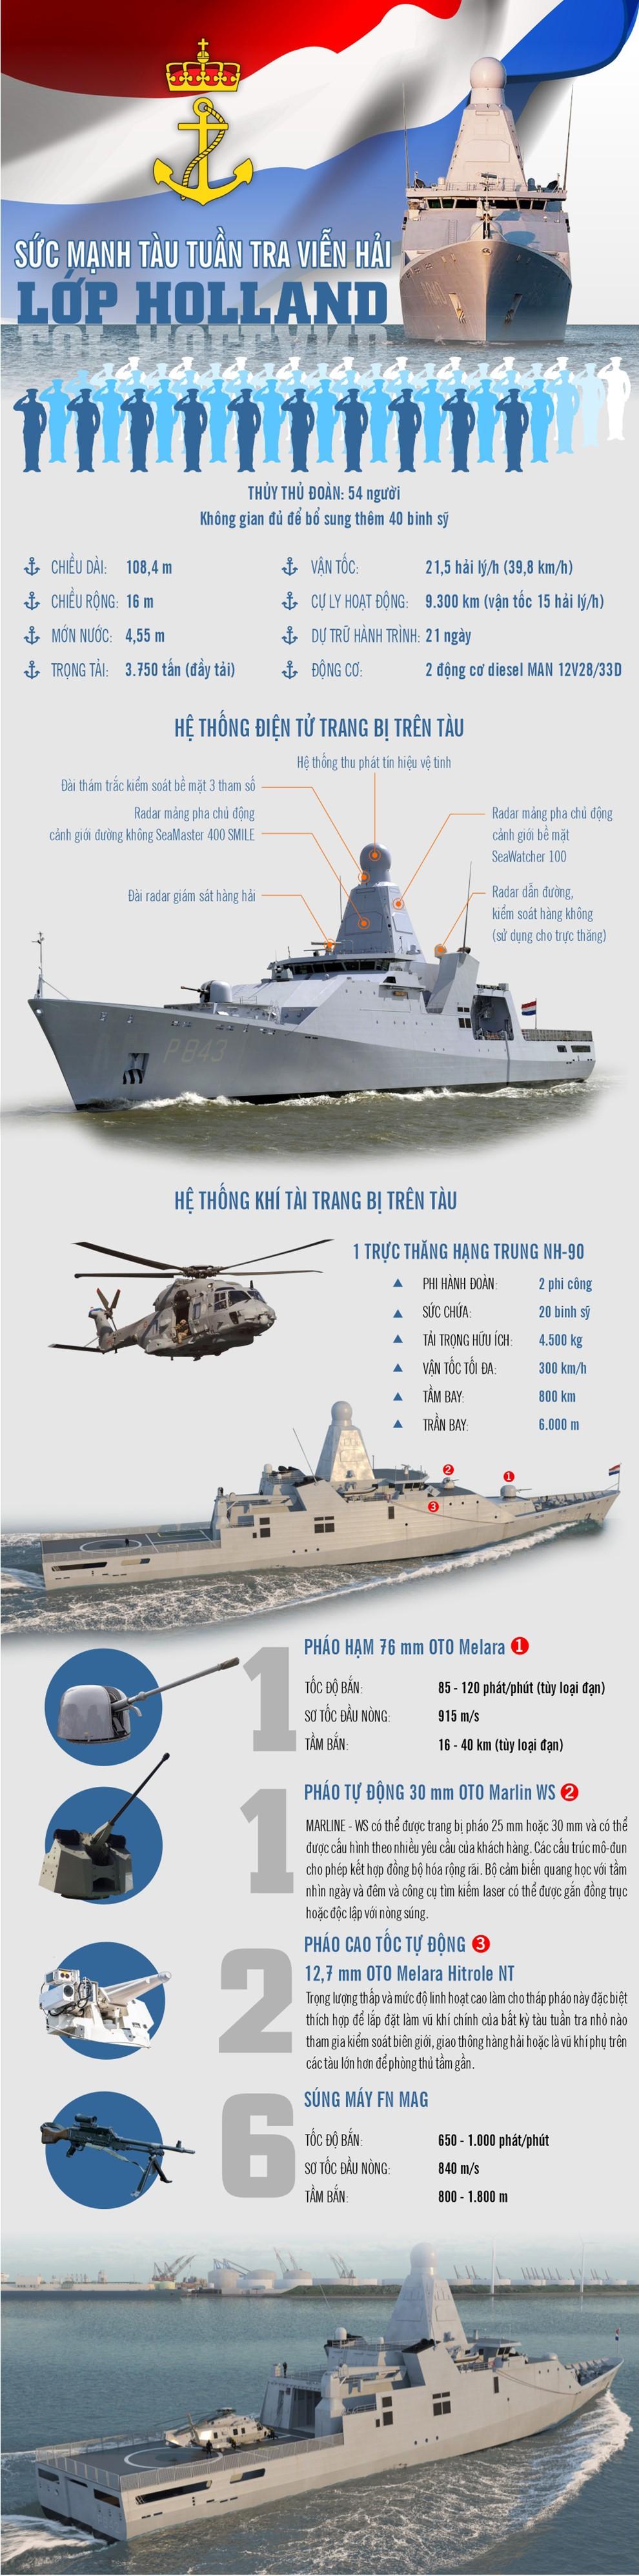 infographic suc manh sieu khung cua sieu tau tuan tra vien hai lop holland